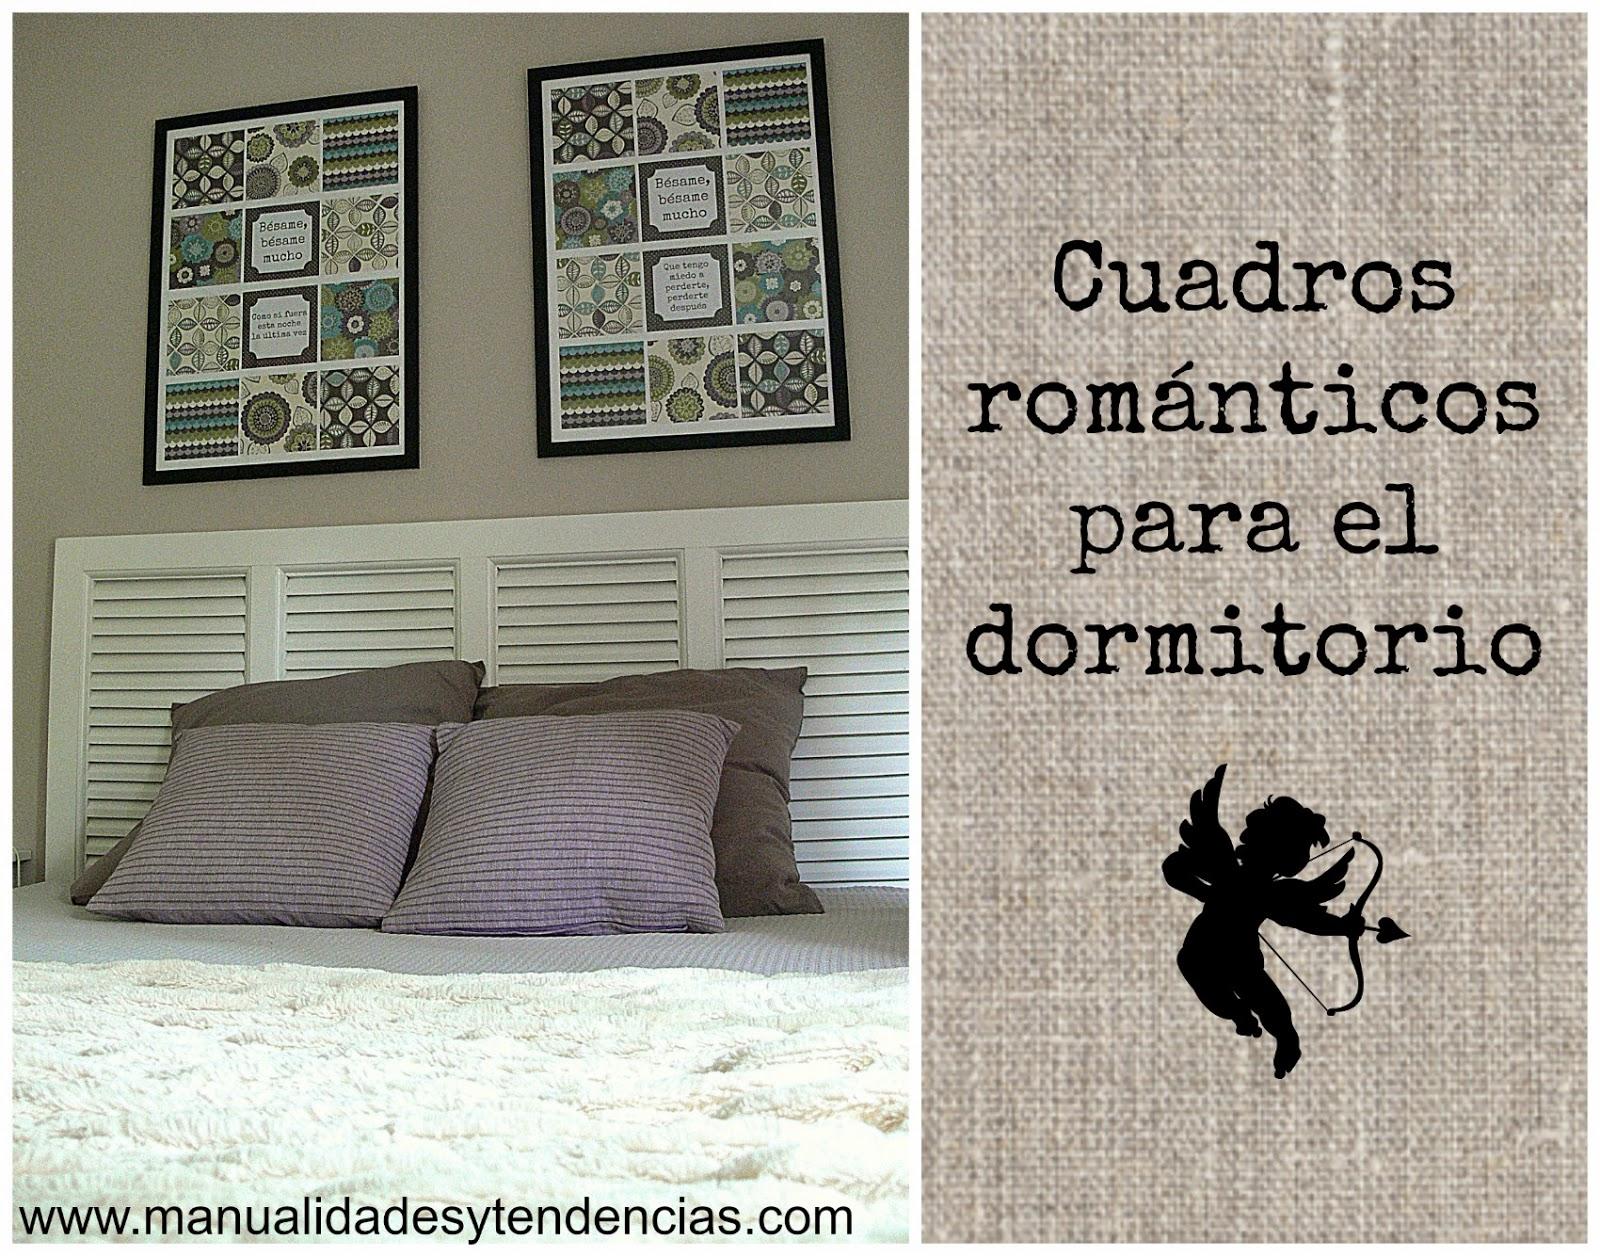 Manualidades y tendencias diy cuadros para el dormitorio - Cuadros para el dormitorio ...